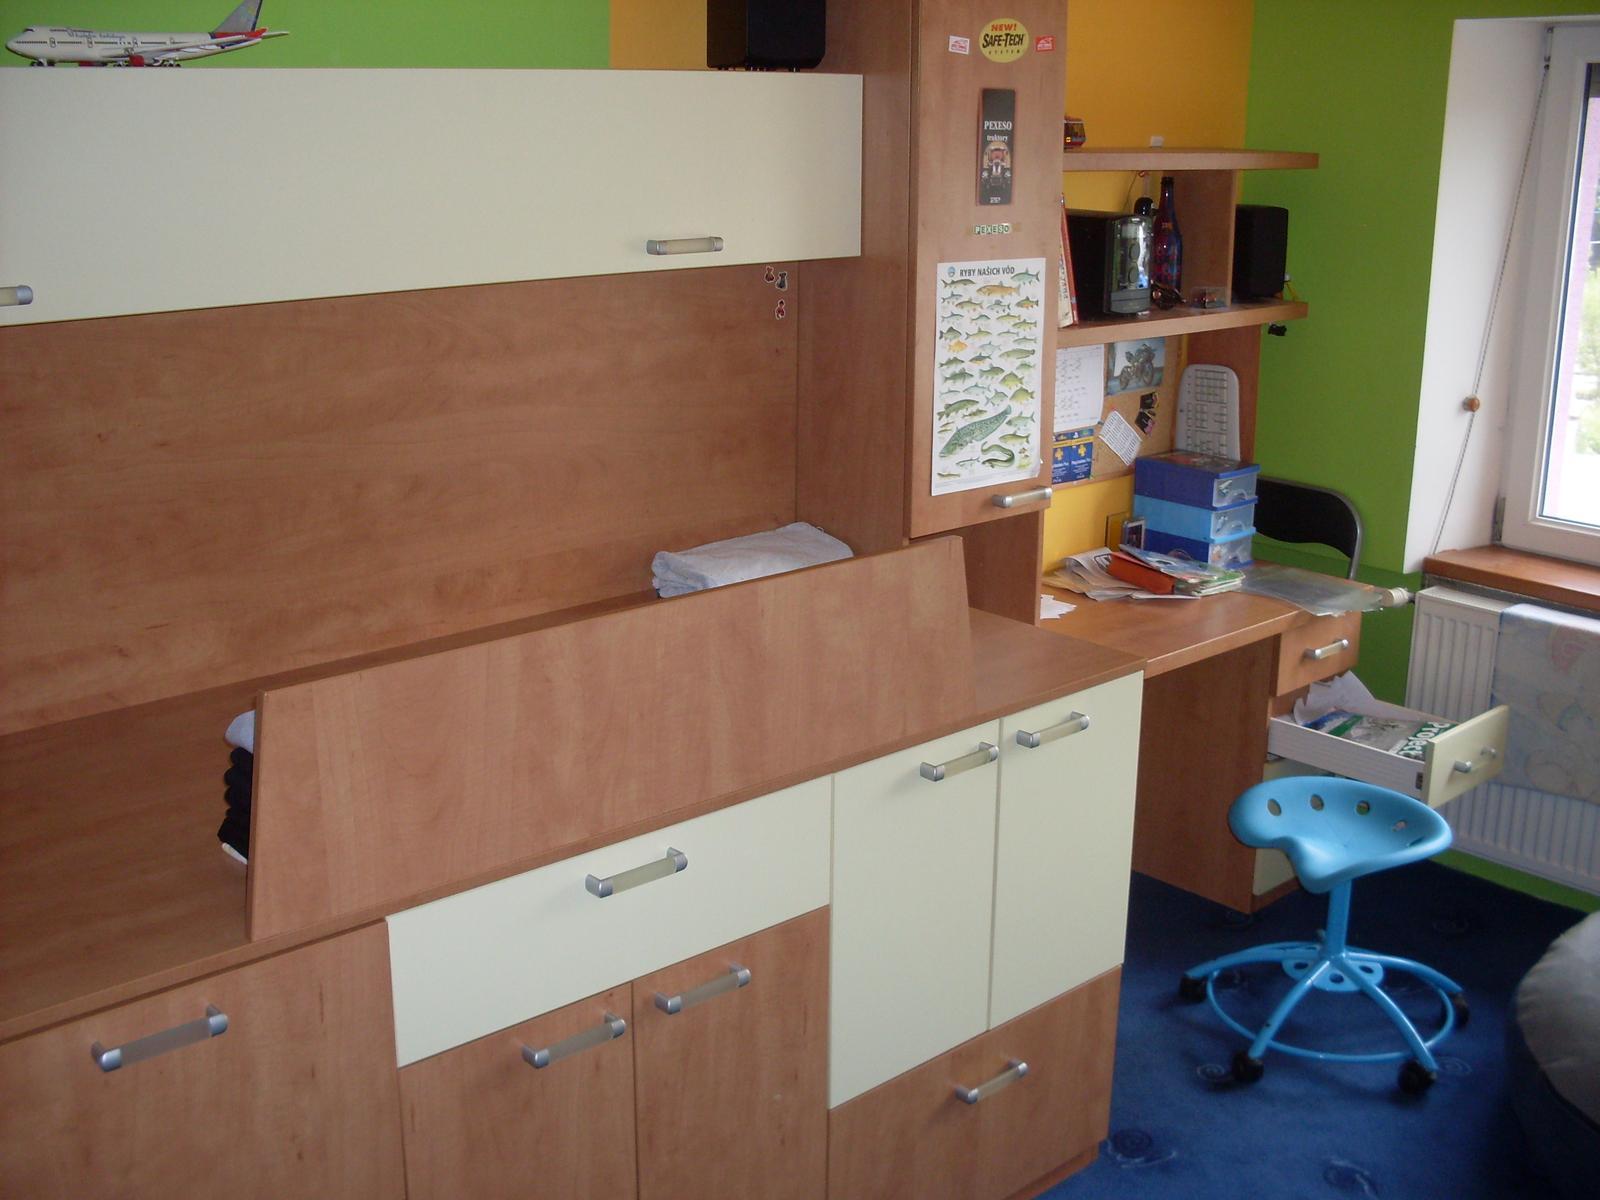 nábytok detská/študentská izba - Obrázok č. 1